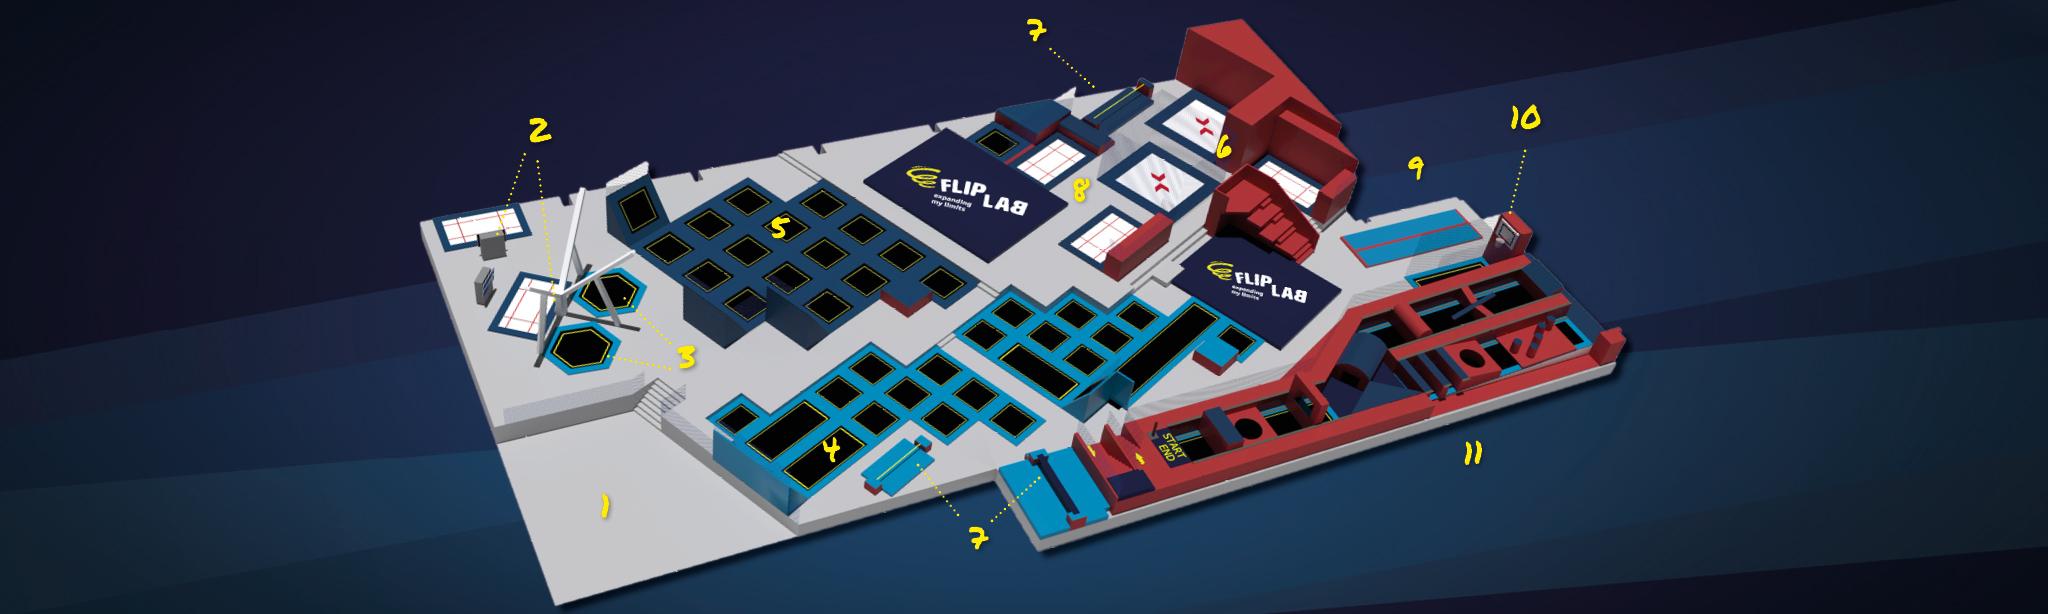 Hallenübersicht-mit-Zones-und-Areas---FLIP-LAB-Innsbruck